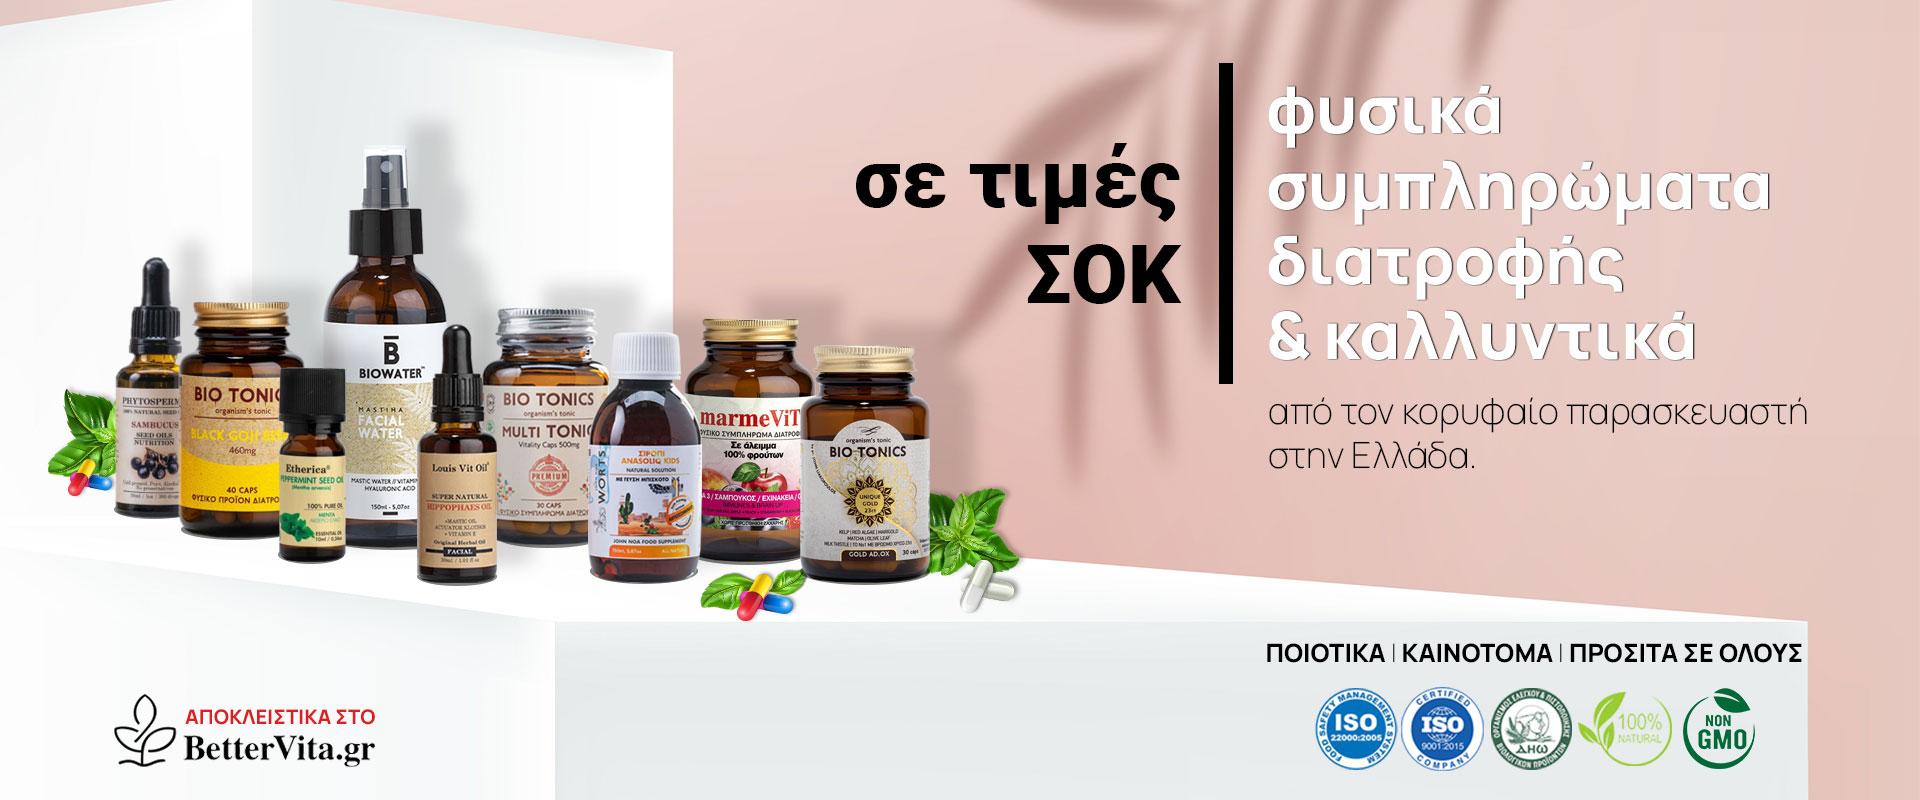 Ήρθε και στη Ελλάδα! Συμπληρώματα διατροφής απευθείας από το πρατήριο του παραγωγού σε τιμές ΣΟΚ!